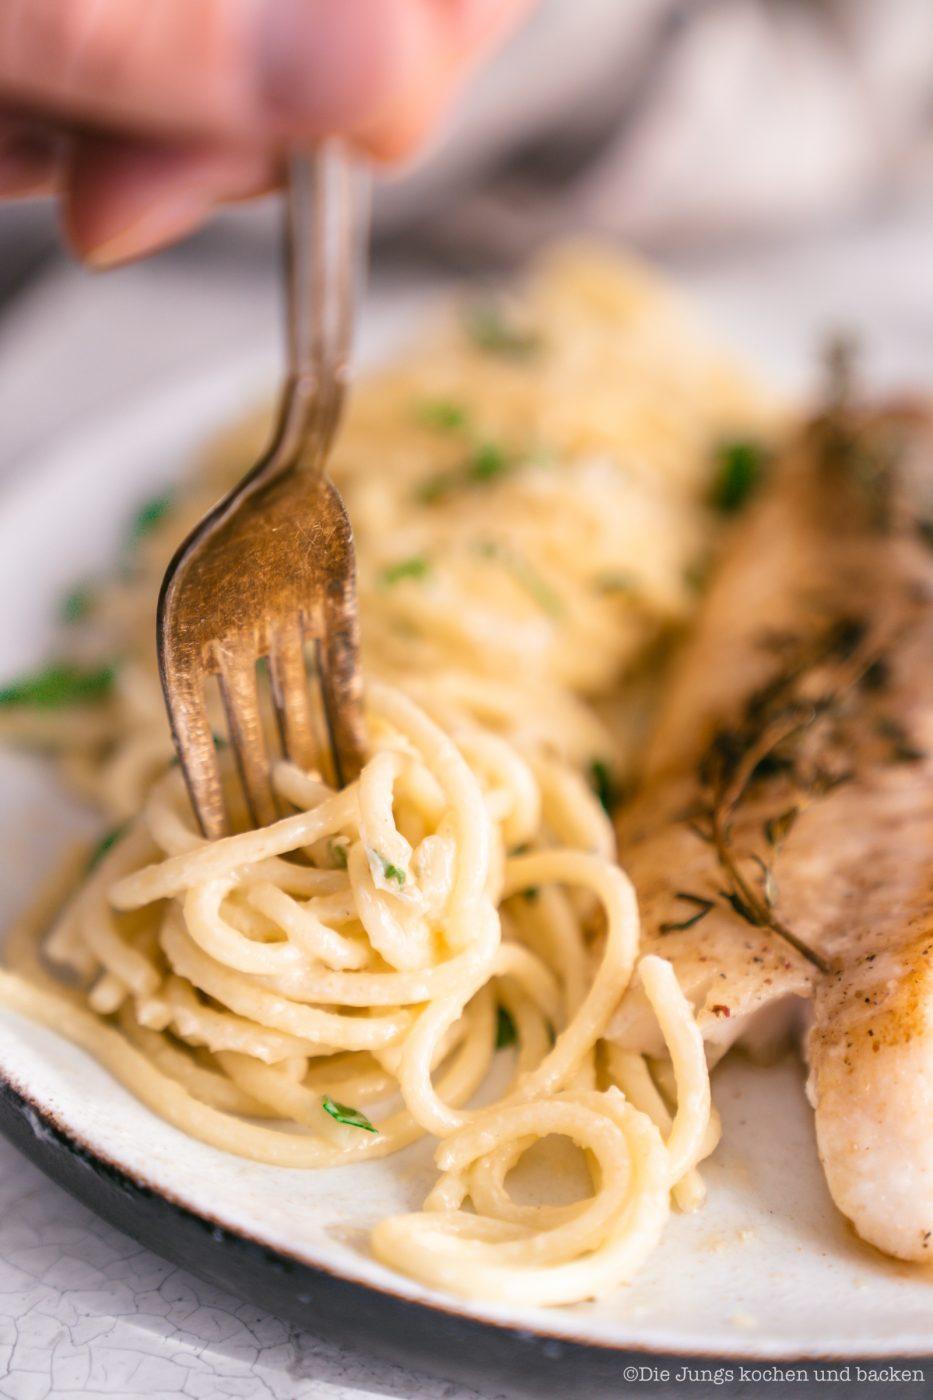 Rotbarsch World Ocean Day 18 | Wir lieben Fischgerichte - wie sieht das bei euch aus? Seit Kindertagen schon mag ich Fisch. So richtig aufgeblüht ist die Liebe aber erst während der ersten Urlaube am Meer. In Barcelona haben wir einige Fischrestaurants, die wir immer gerne besuchen. Fisch und die mediterrane Küche passen einfach sehr gut zusammen! Und damit wir auch in der Zukunft noch weitere spannende Rezept mit Fisch kreieren können, unterstützen wir den MSC zum diesjährigen Tag der Meere - dem World Ocean Day. Dieser lädt nämlich zum großen virtuellen Dinner und wir bringen Rotbarsch mit Parmesan-Spaghetti mit.